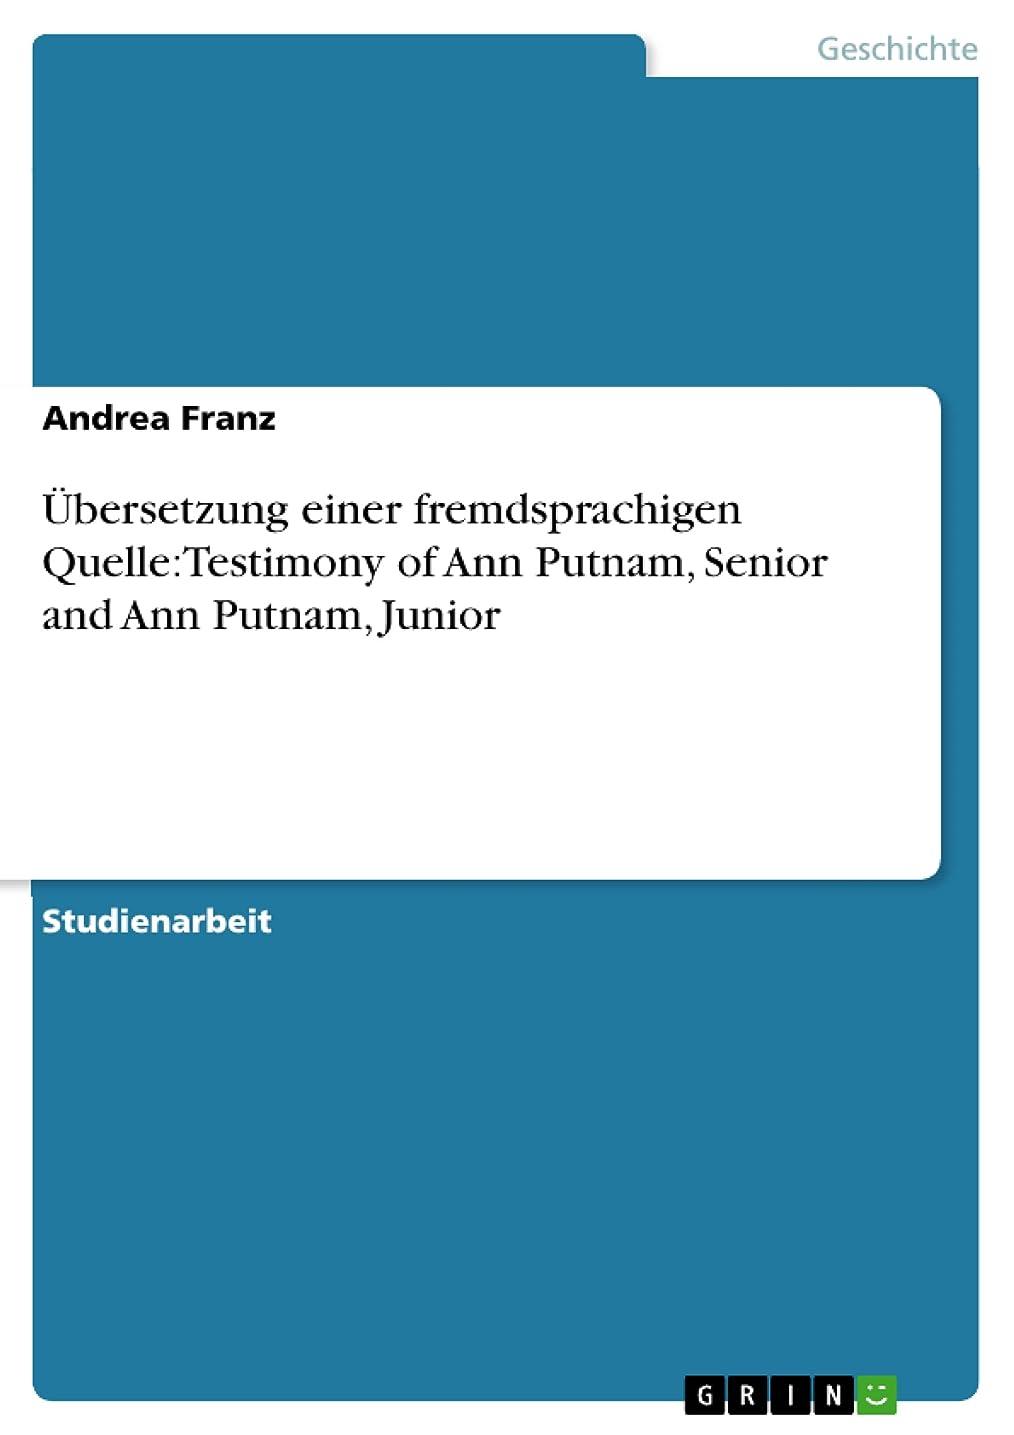 量かりてコンペübersetzung einer fremdsprachigen Quelle:Testimony of Ann Putnam, Senior and Ann Putnam, Junior (German Edition)